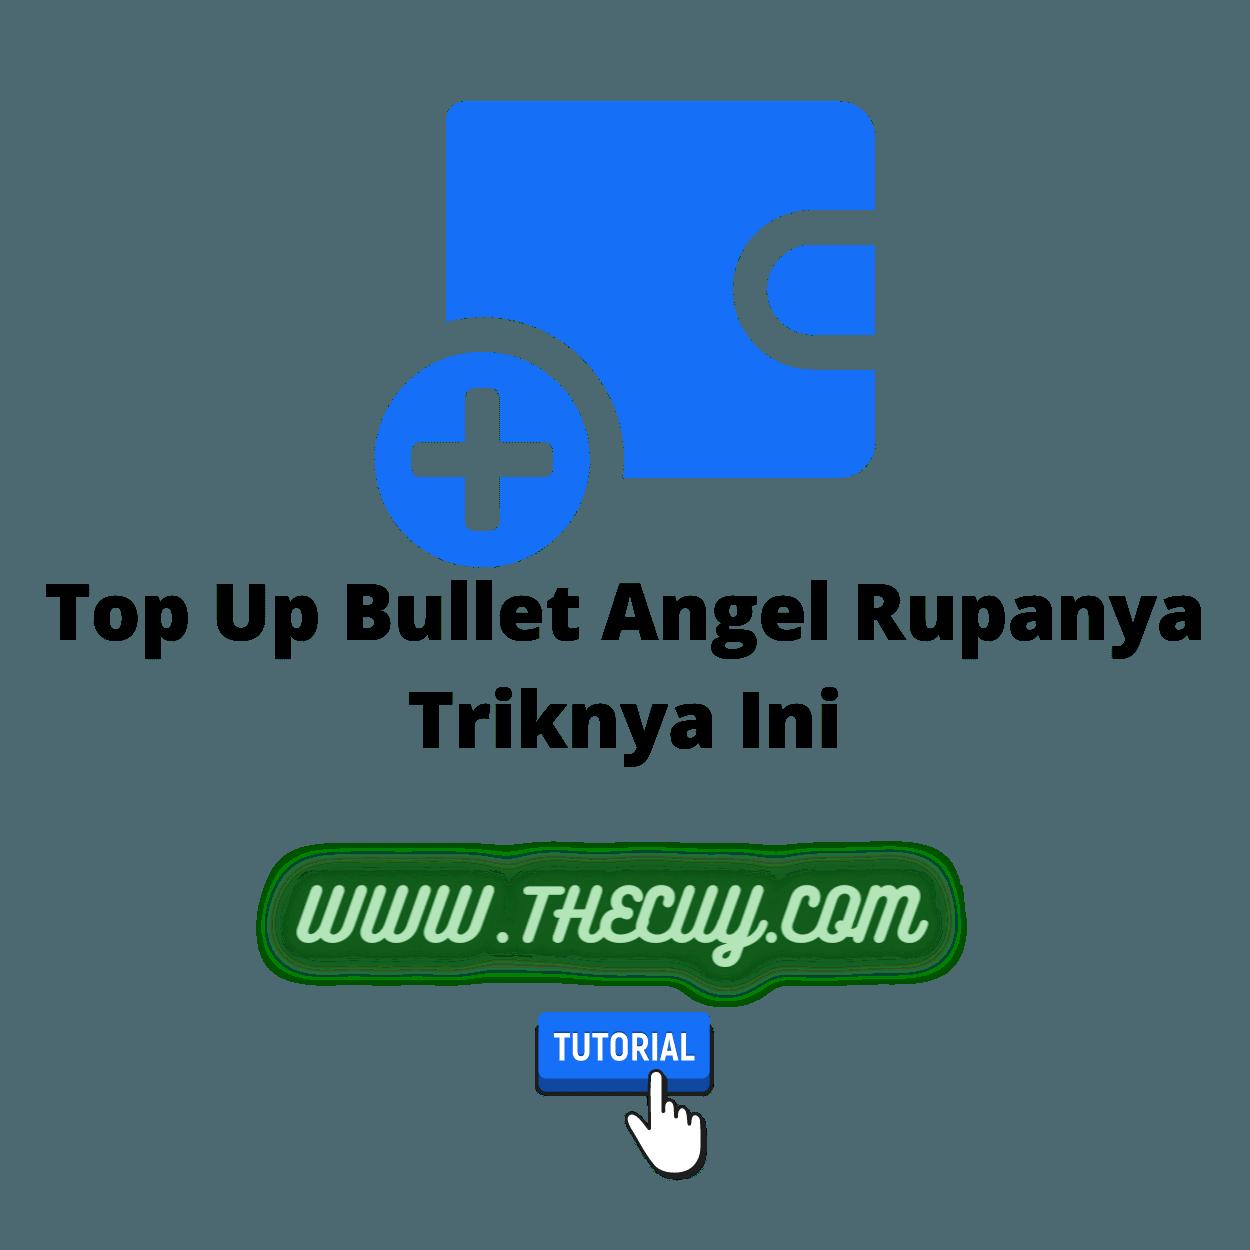 Top Up Bullet Angel Rupanya Triknya Ini